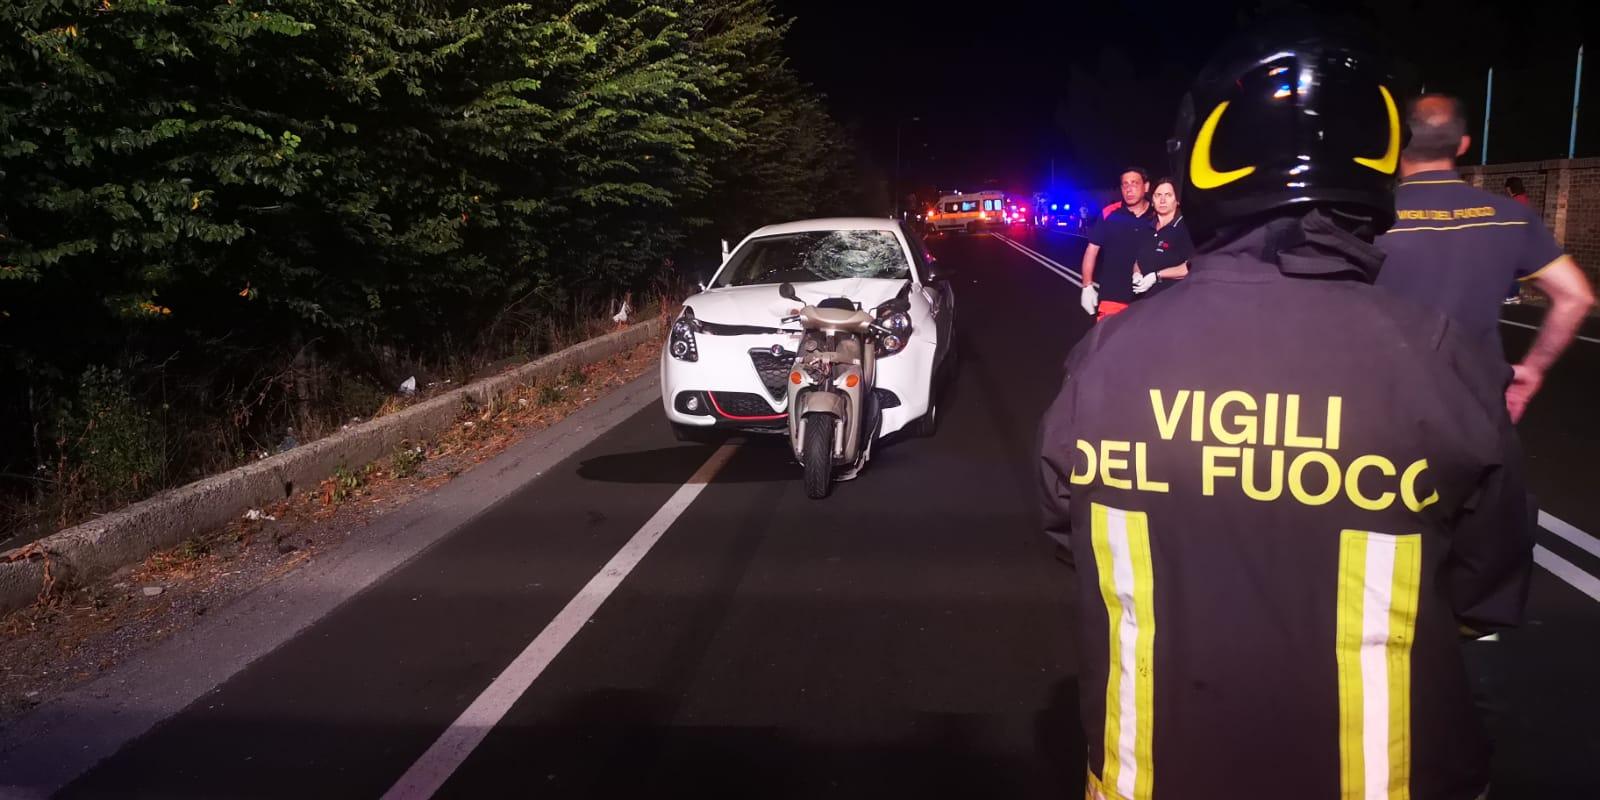 FOTO – Auto tampona scooter sulla statale 106 a Crotone: morto un 40enne, grave il figlio di 12 anni